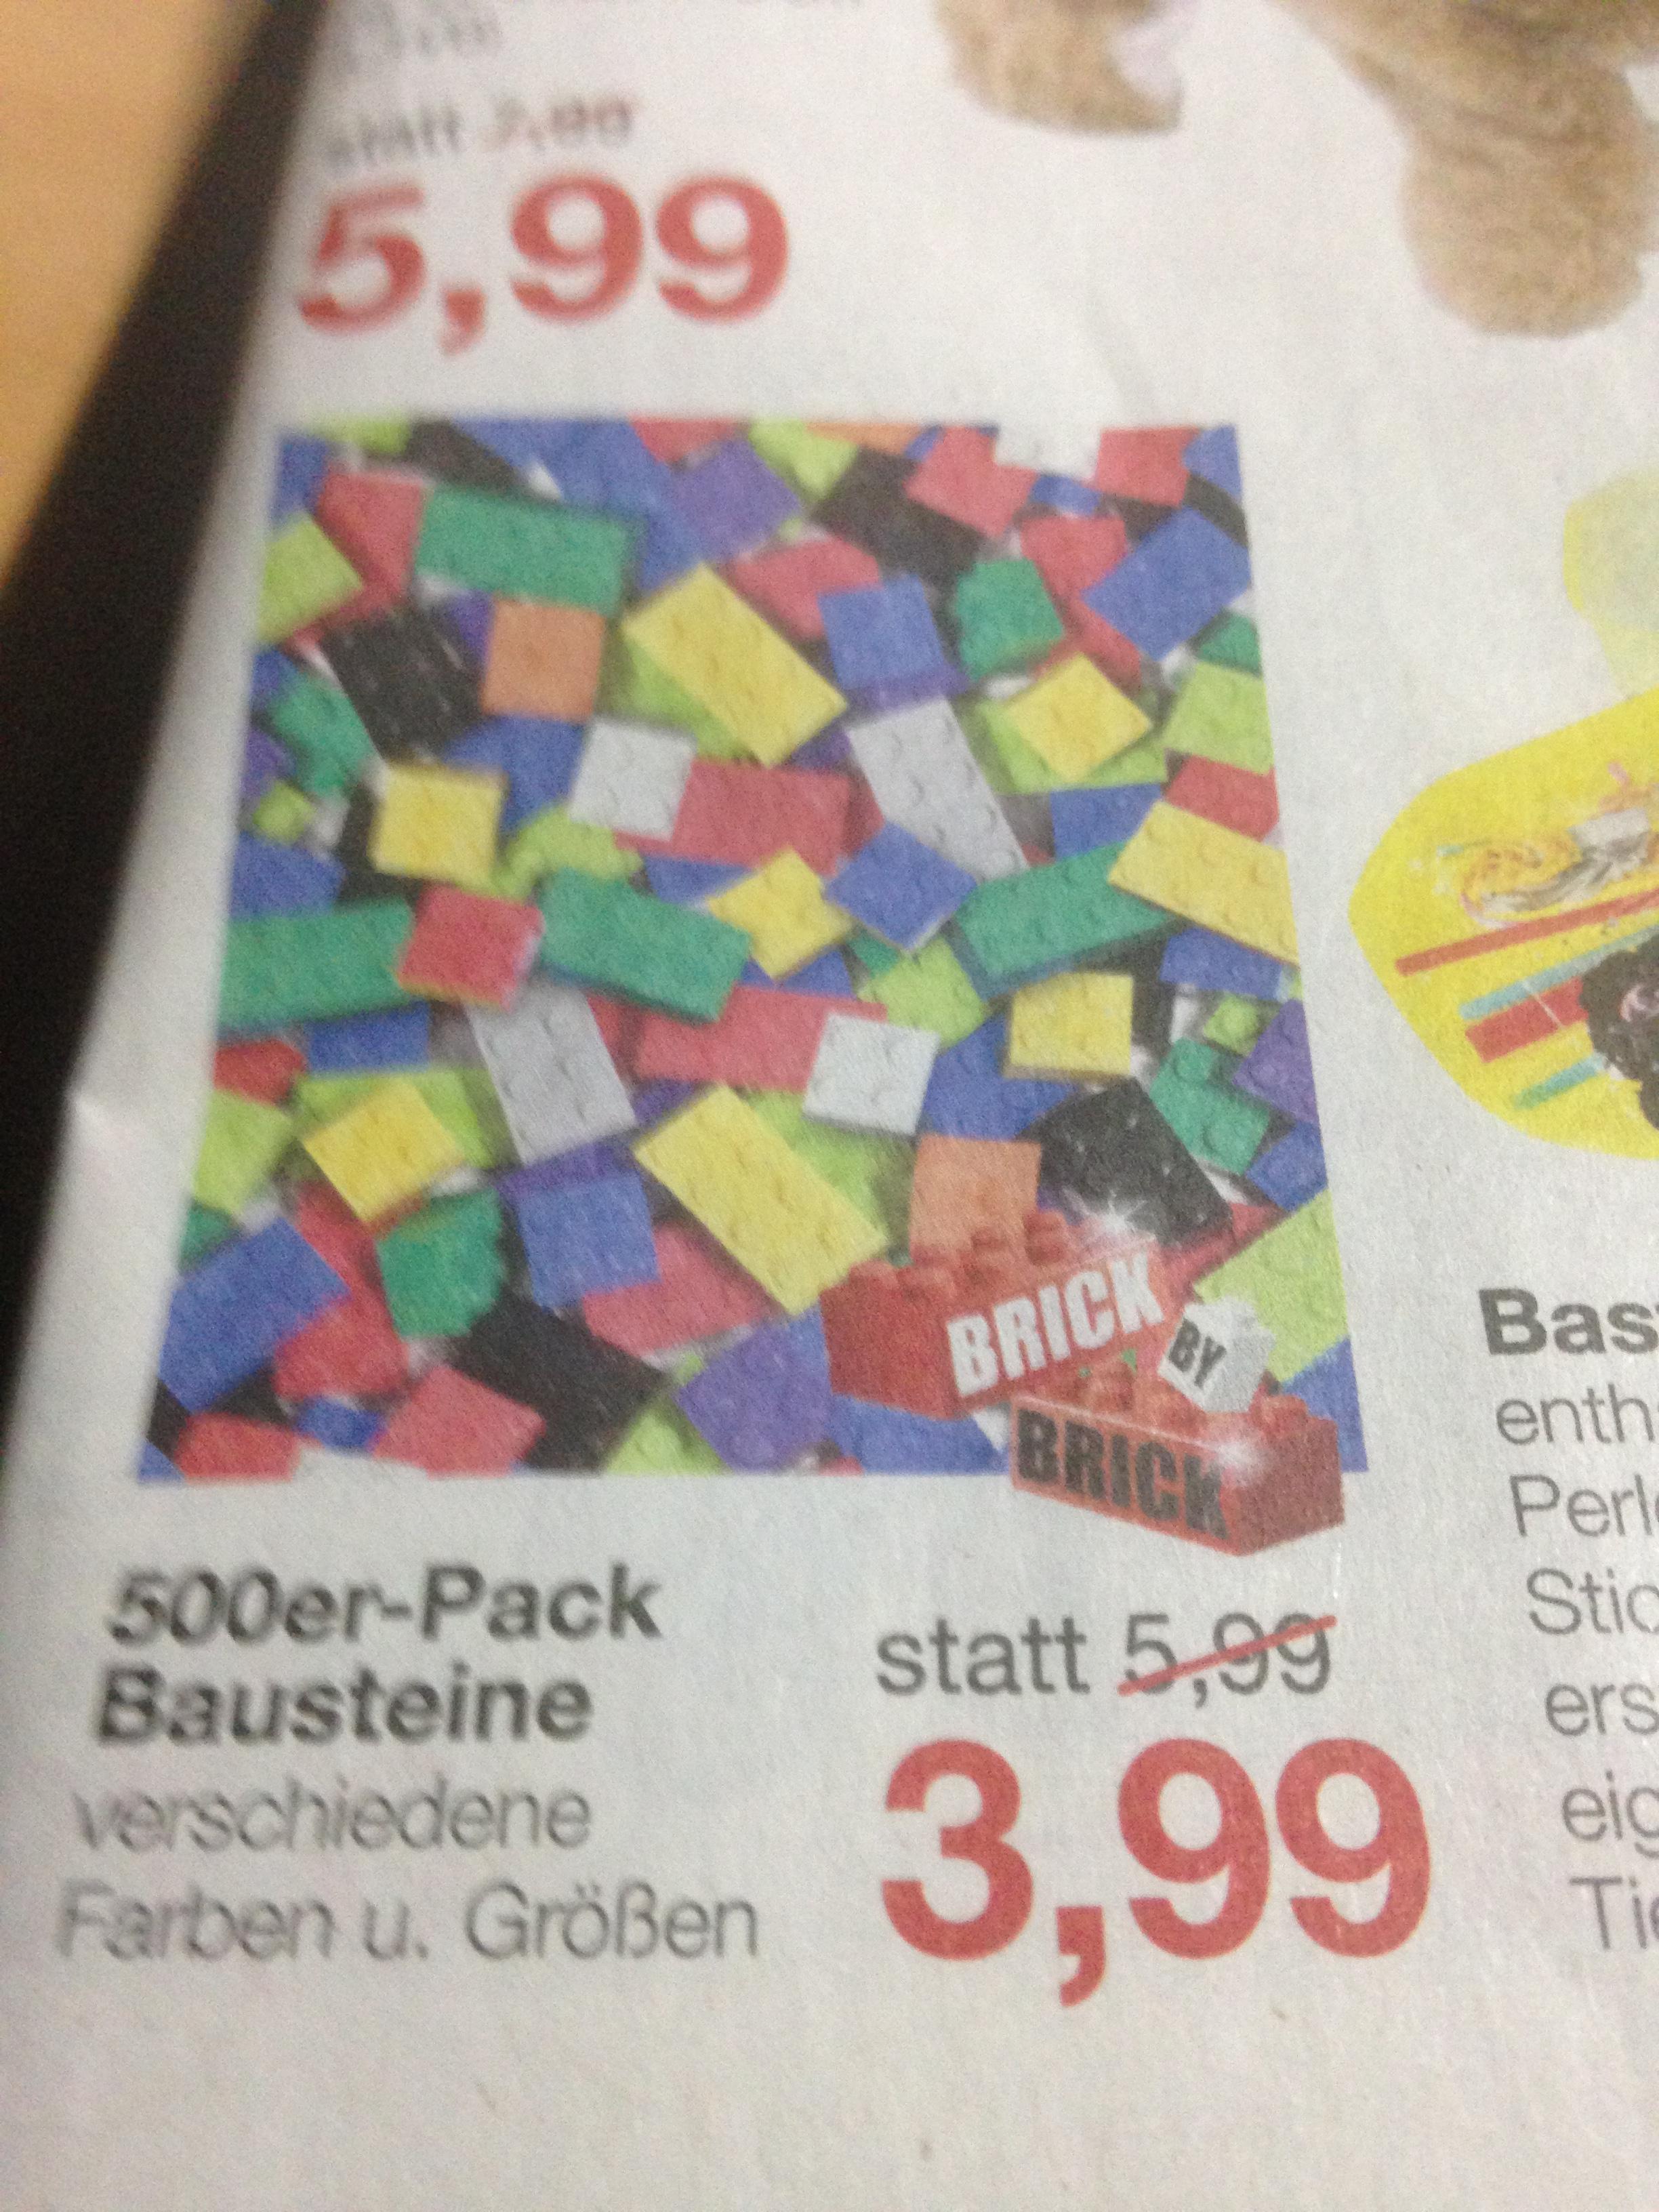 Für die Kleinen. 500er Pack Bausteine für nur 3,99 bei Jawoll